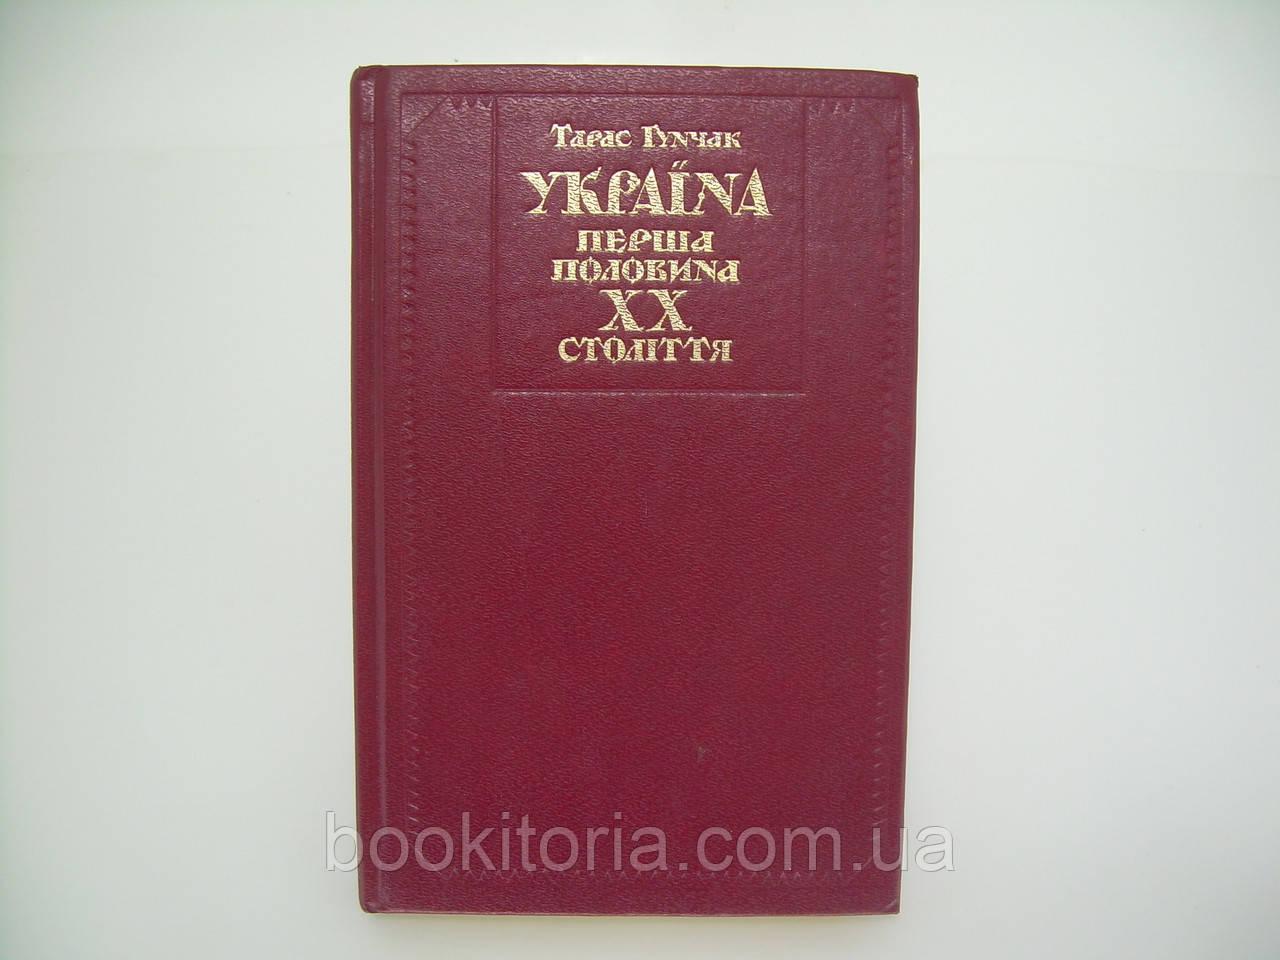 Гунчак Т. Україна: перша половина XX століття. Нариси політичної історії (б/у).